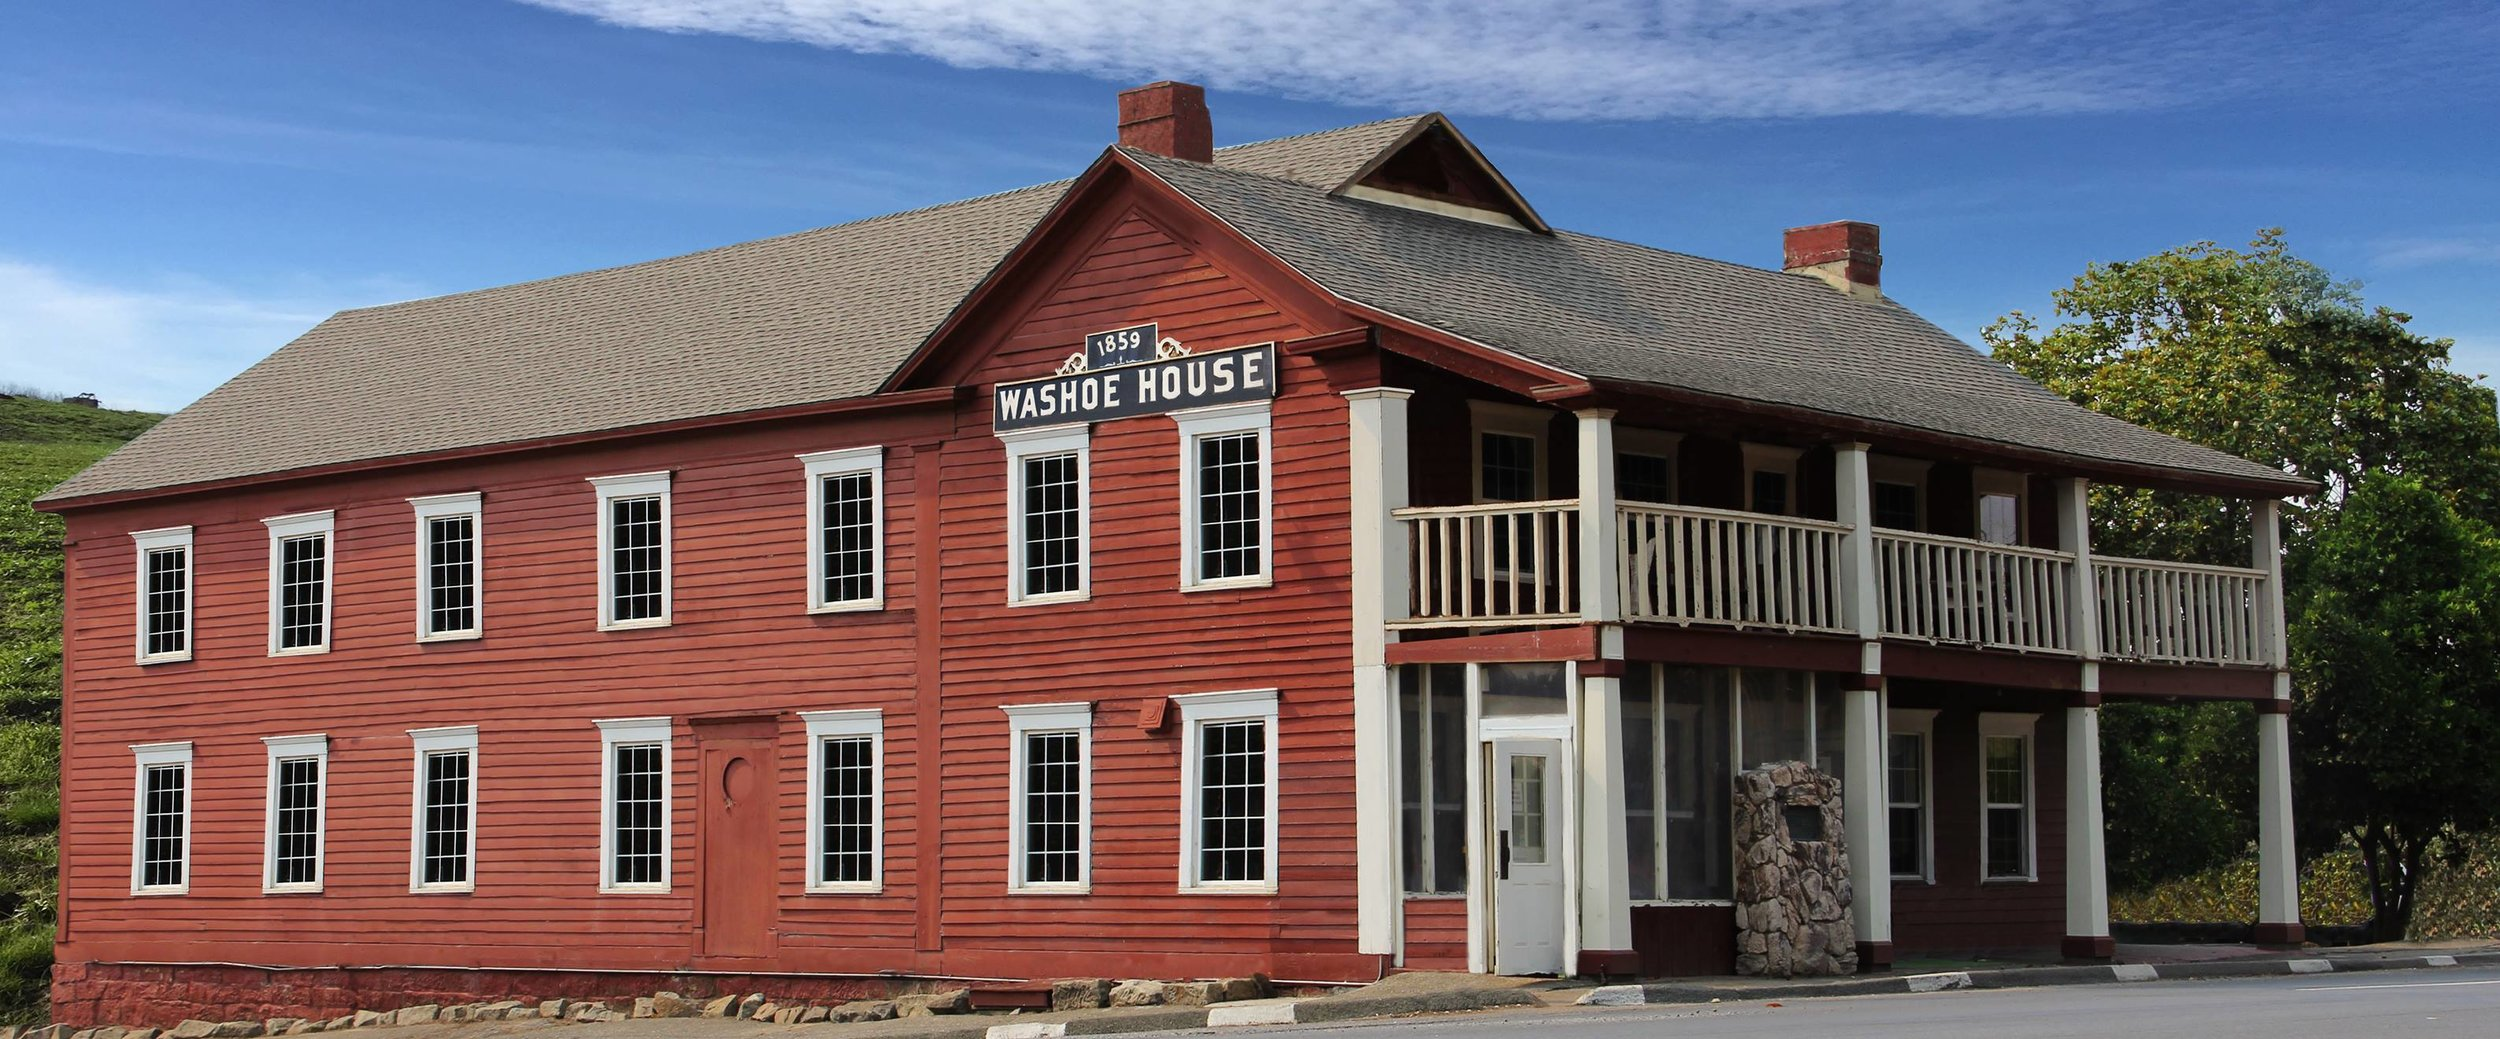 Washoehouse